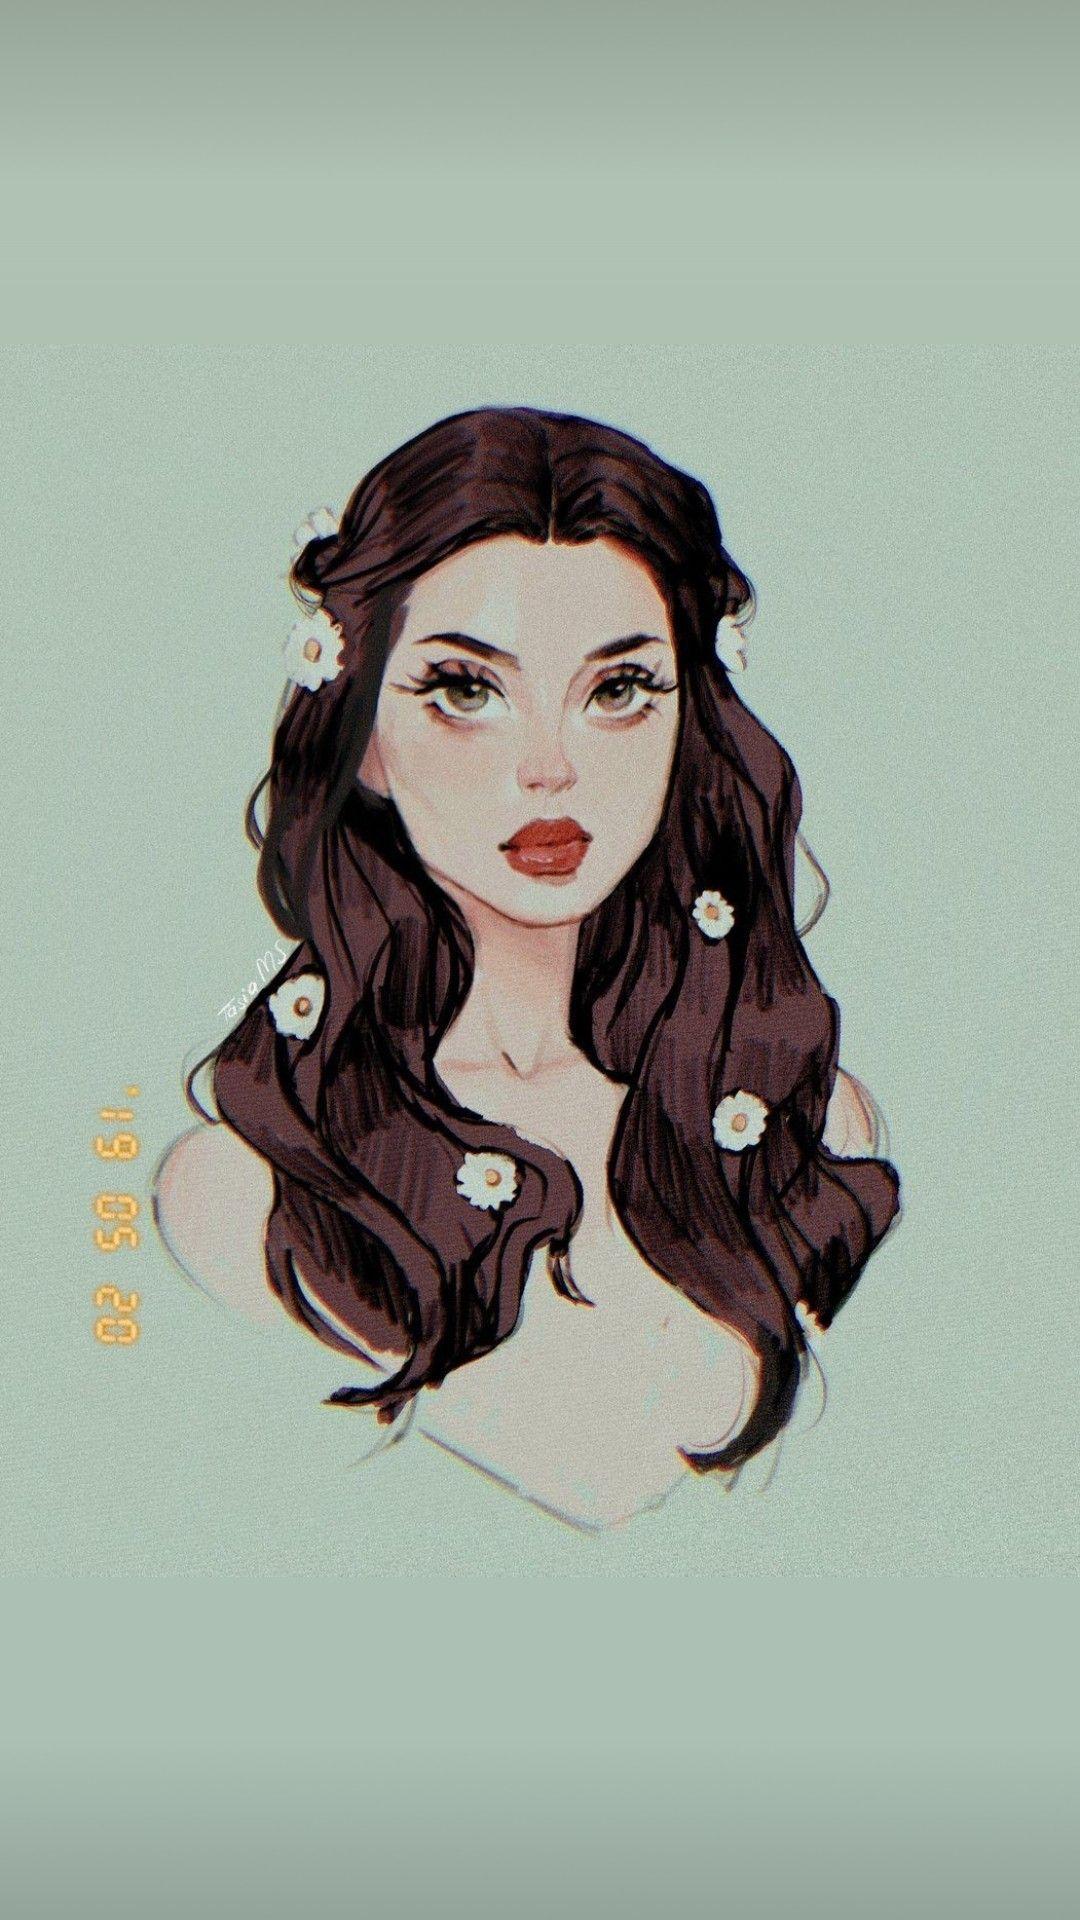 Lana Del Rey Ilustraciones Dibujos Bonitos Arte De Personajes